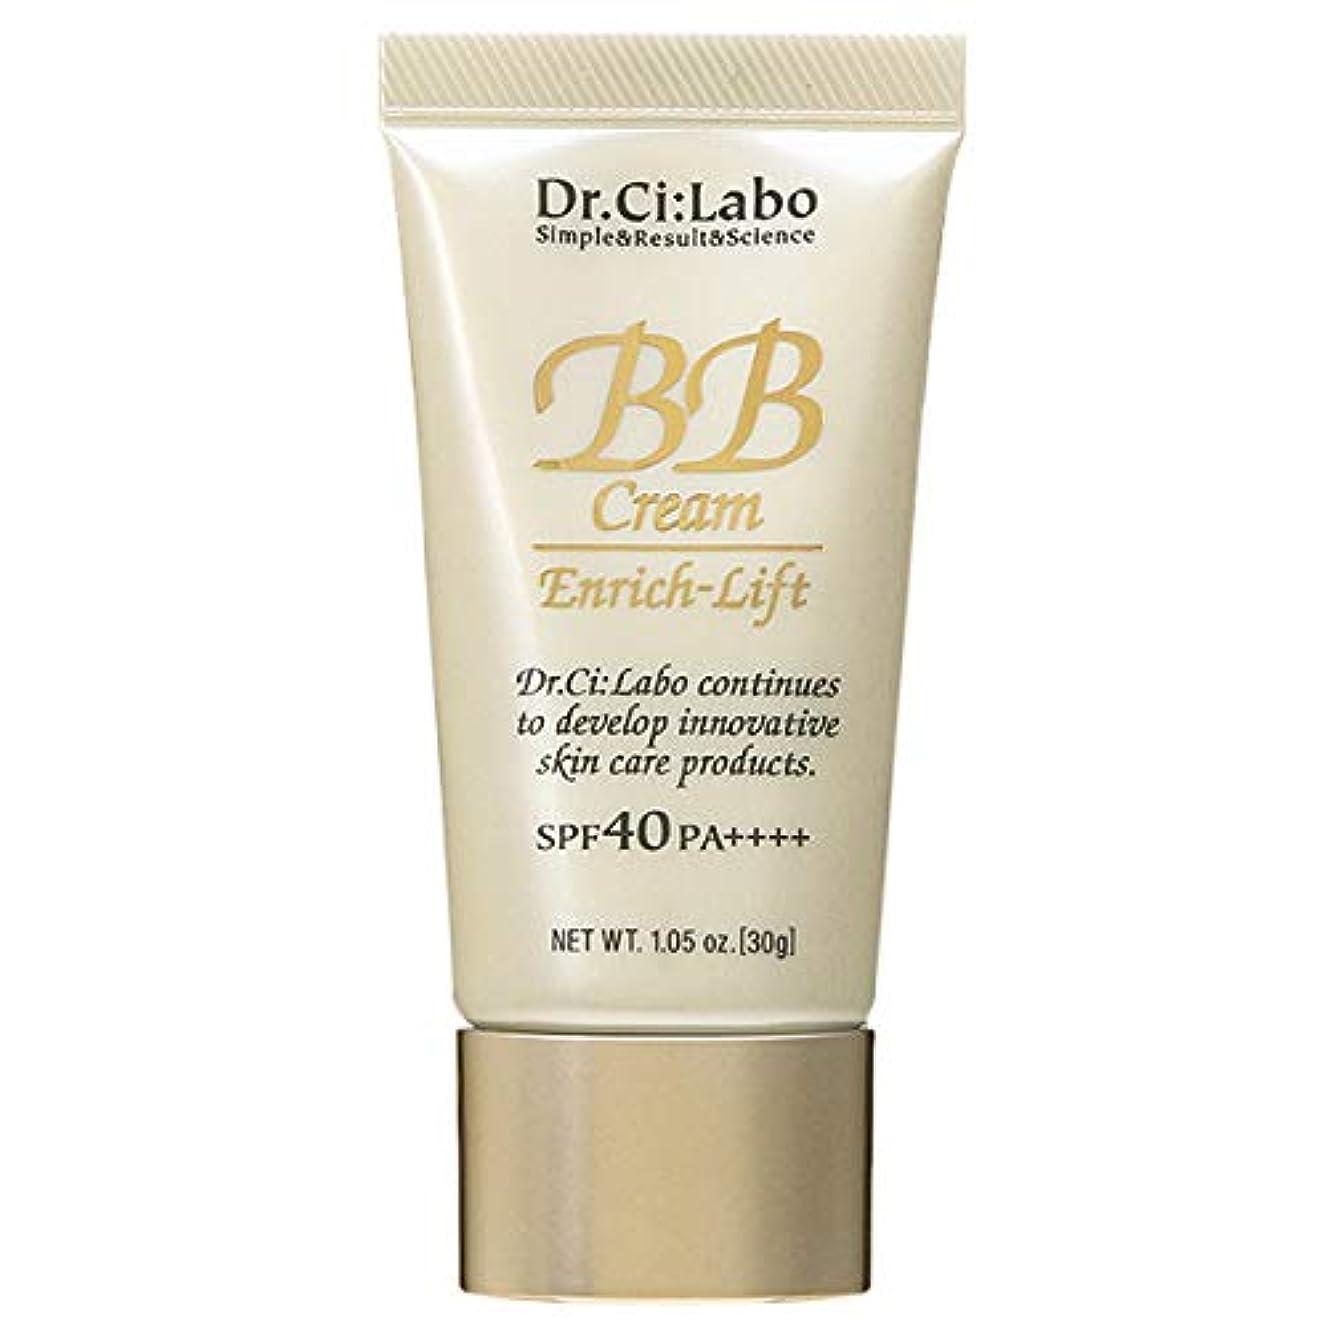 発送ひまわりきしむドクターシーラボ Dr.Ci:Labo BBクリーム エンリッチリフトLN18 SPF40 PA++++ 30g